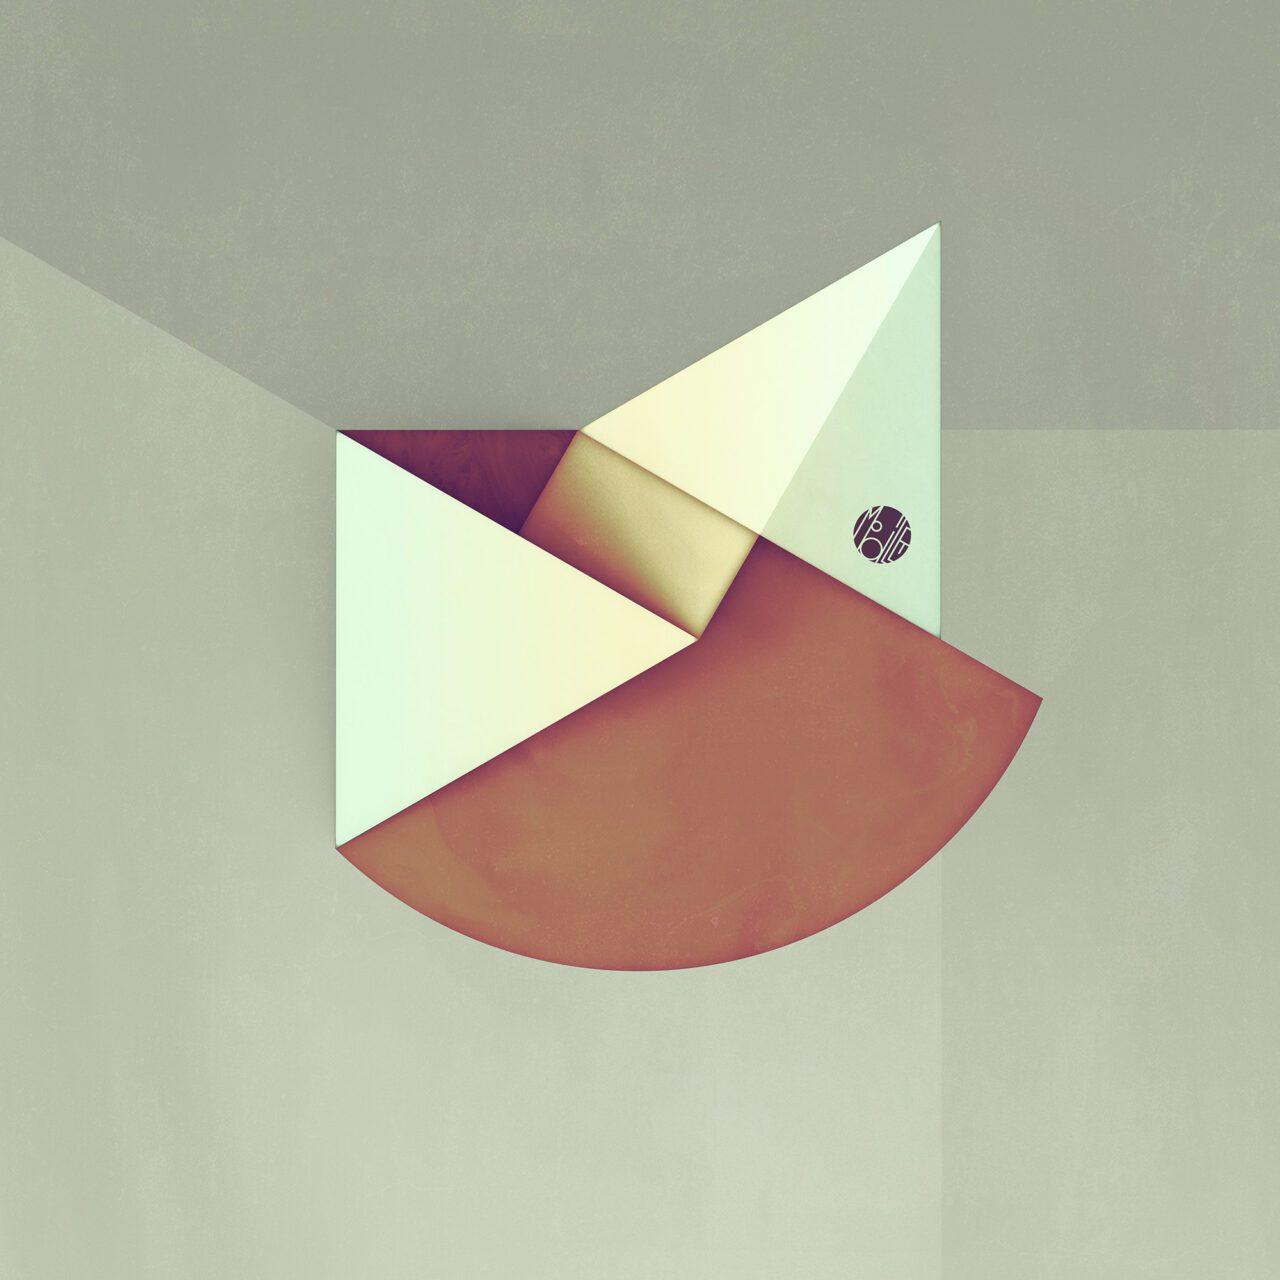 Mobilee225_Squire_PathParbat_illustration_small